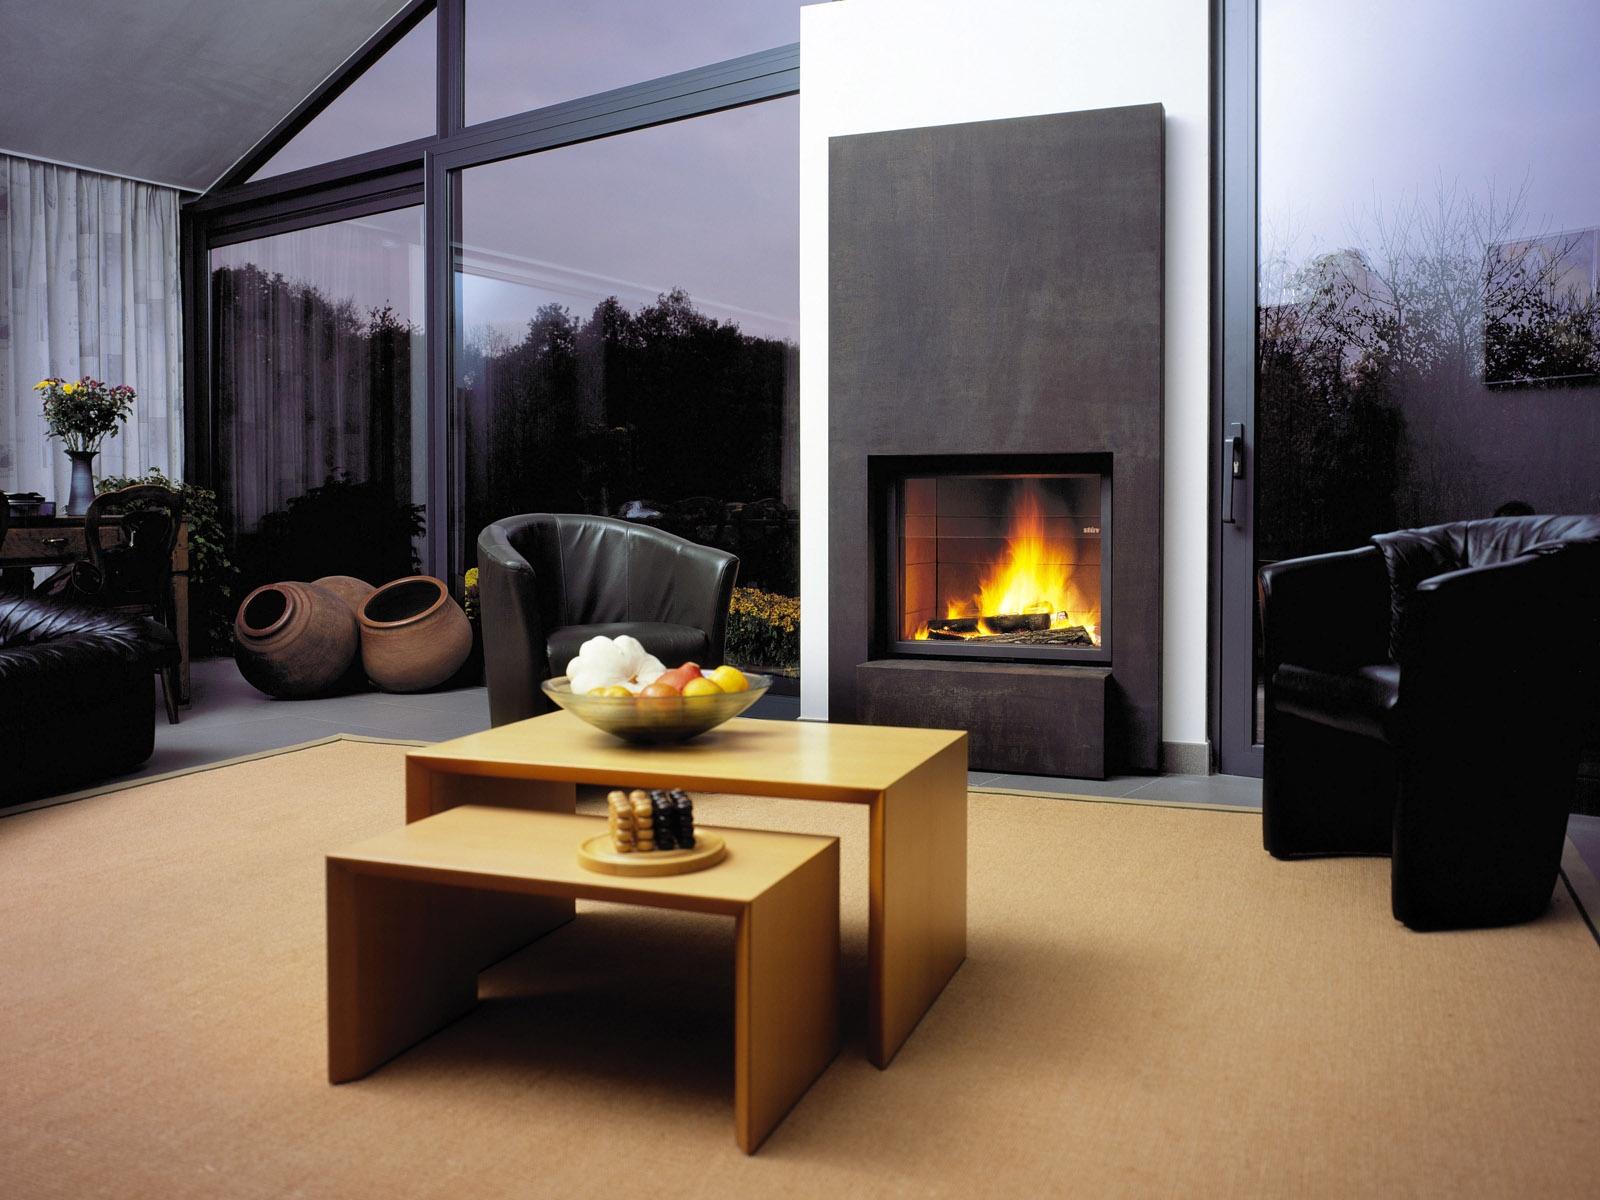 Fond D Cran Chambre Int Rieur Table Moderne Chemin E  # Meubles De Salon En Bois Moderne